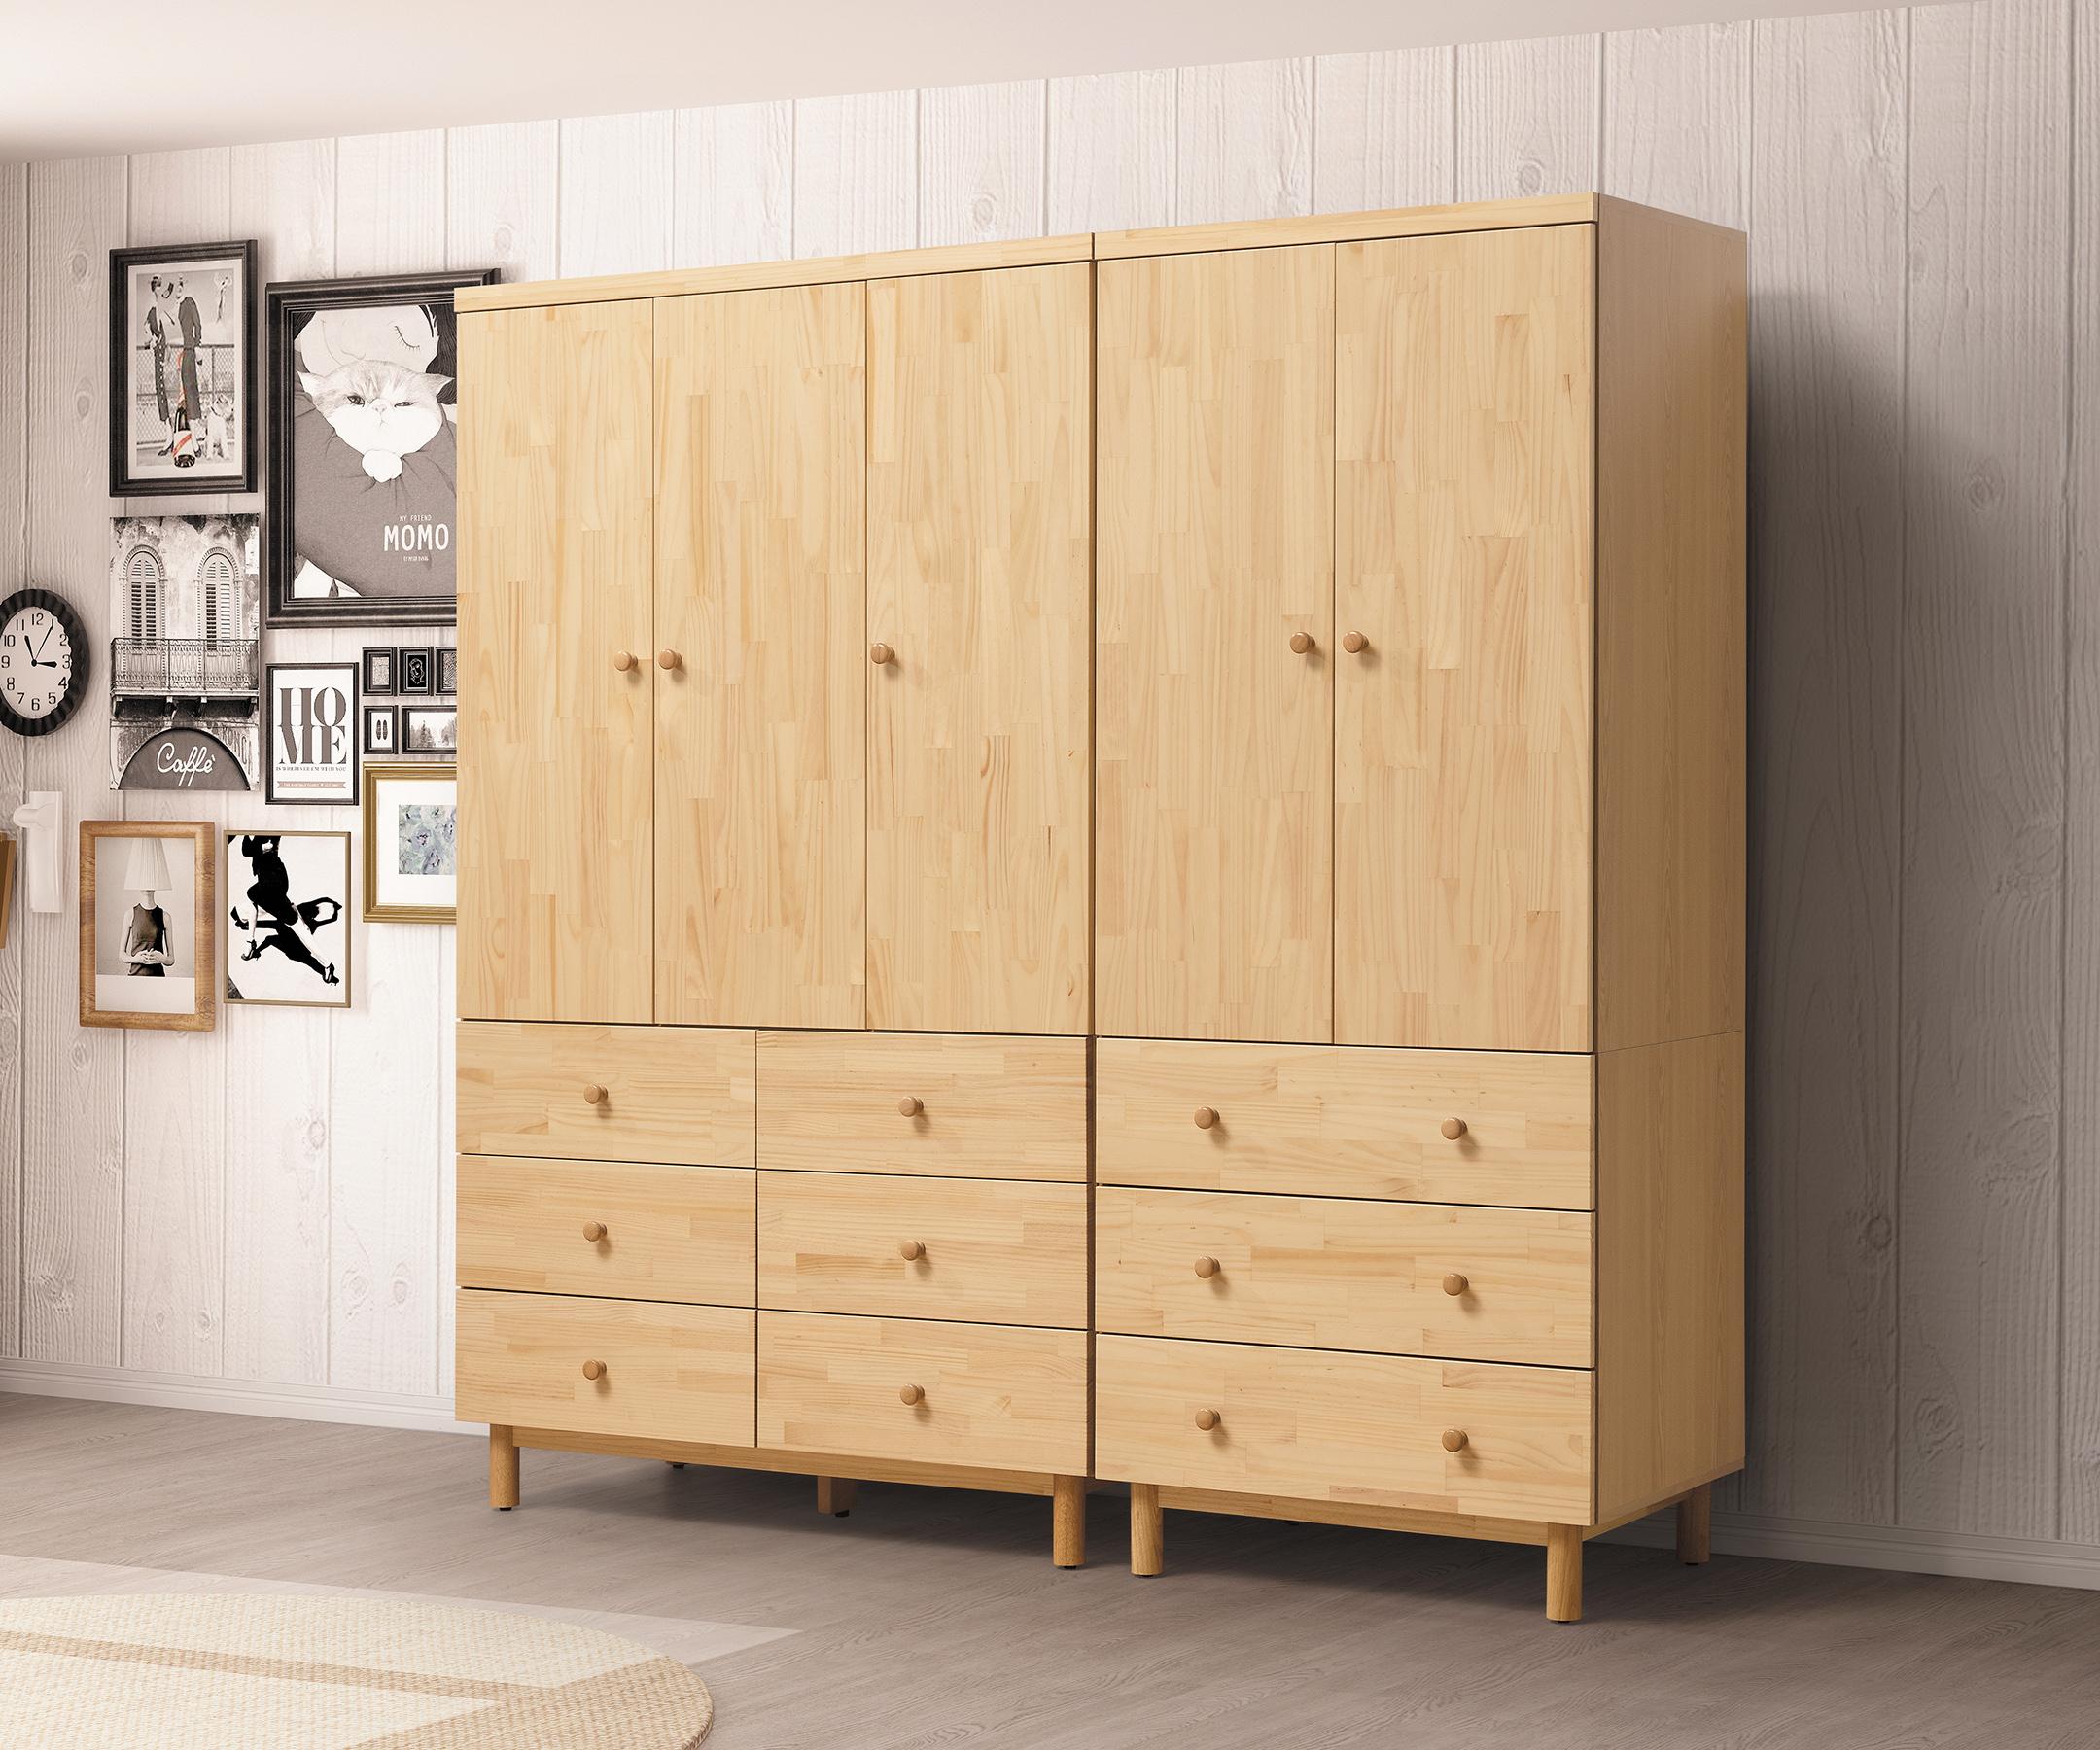 【尚品家具】HY-B156-01 哥本哈根實木7尺組合衣櫥